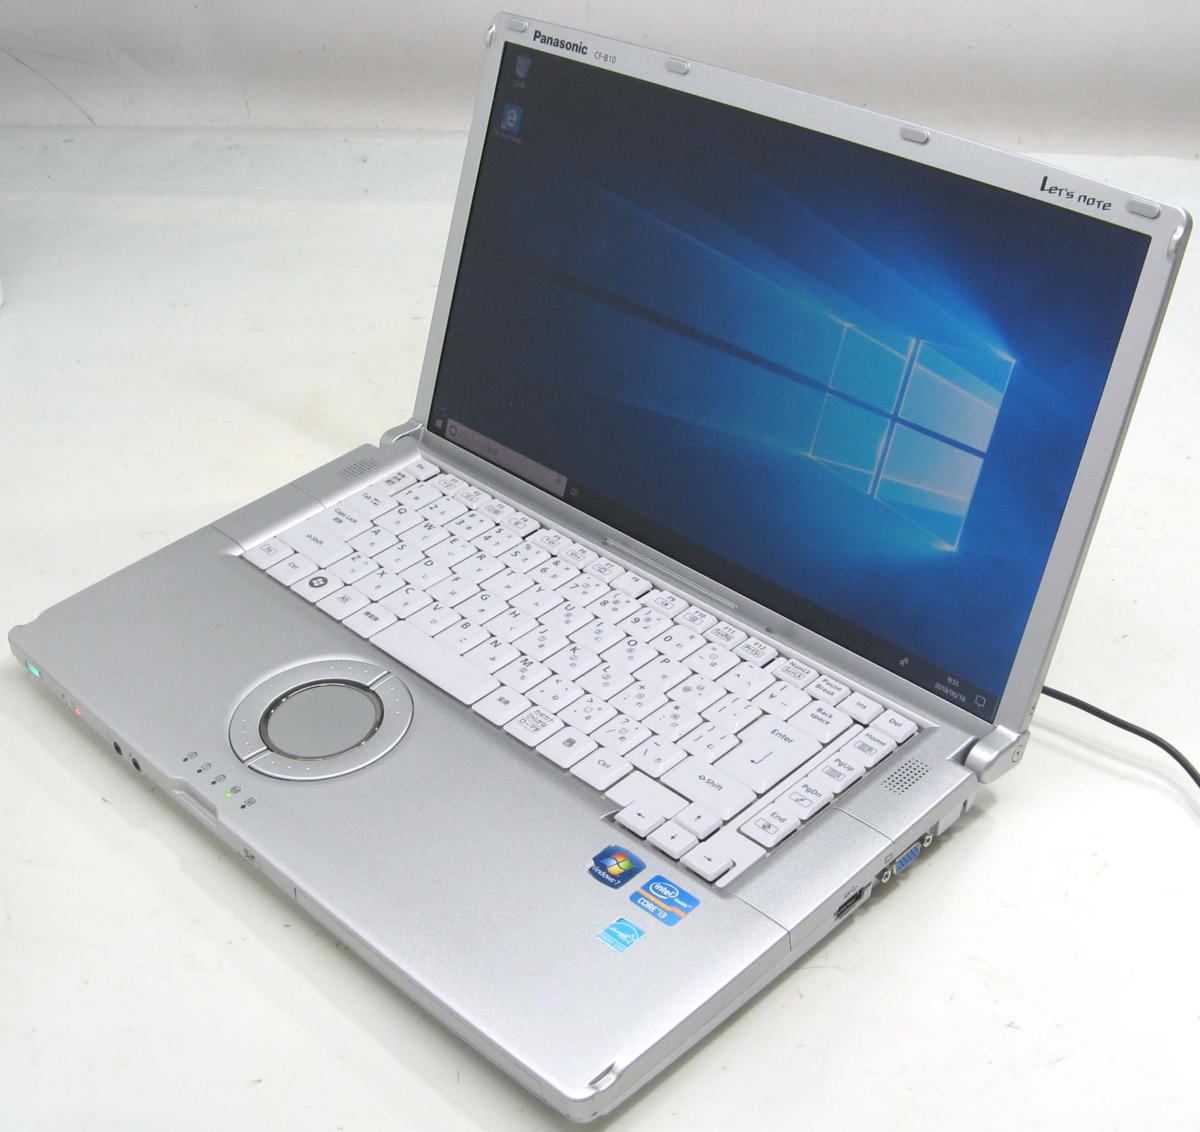 中古ノートパソコン Panasonic Let'sNOTE CF-B10TWYYS(パナソニック レッツノート Windows10 Corei3 HDMI出力端子)【中古】【中古パソコン/中古PC】